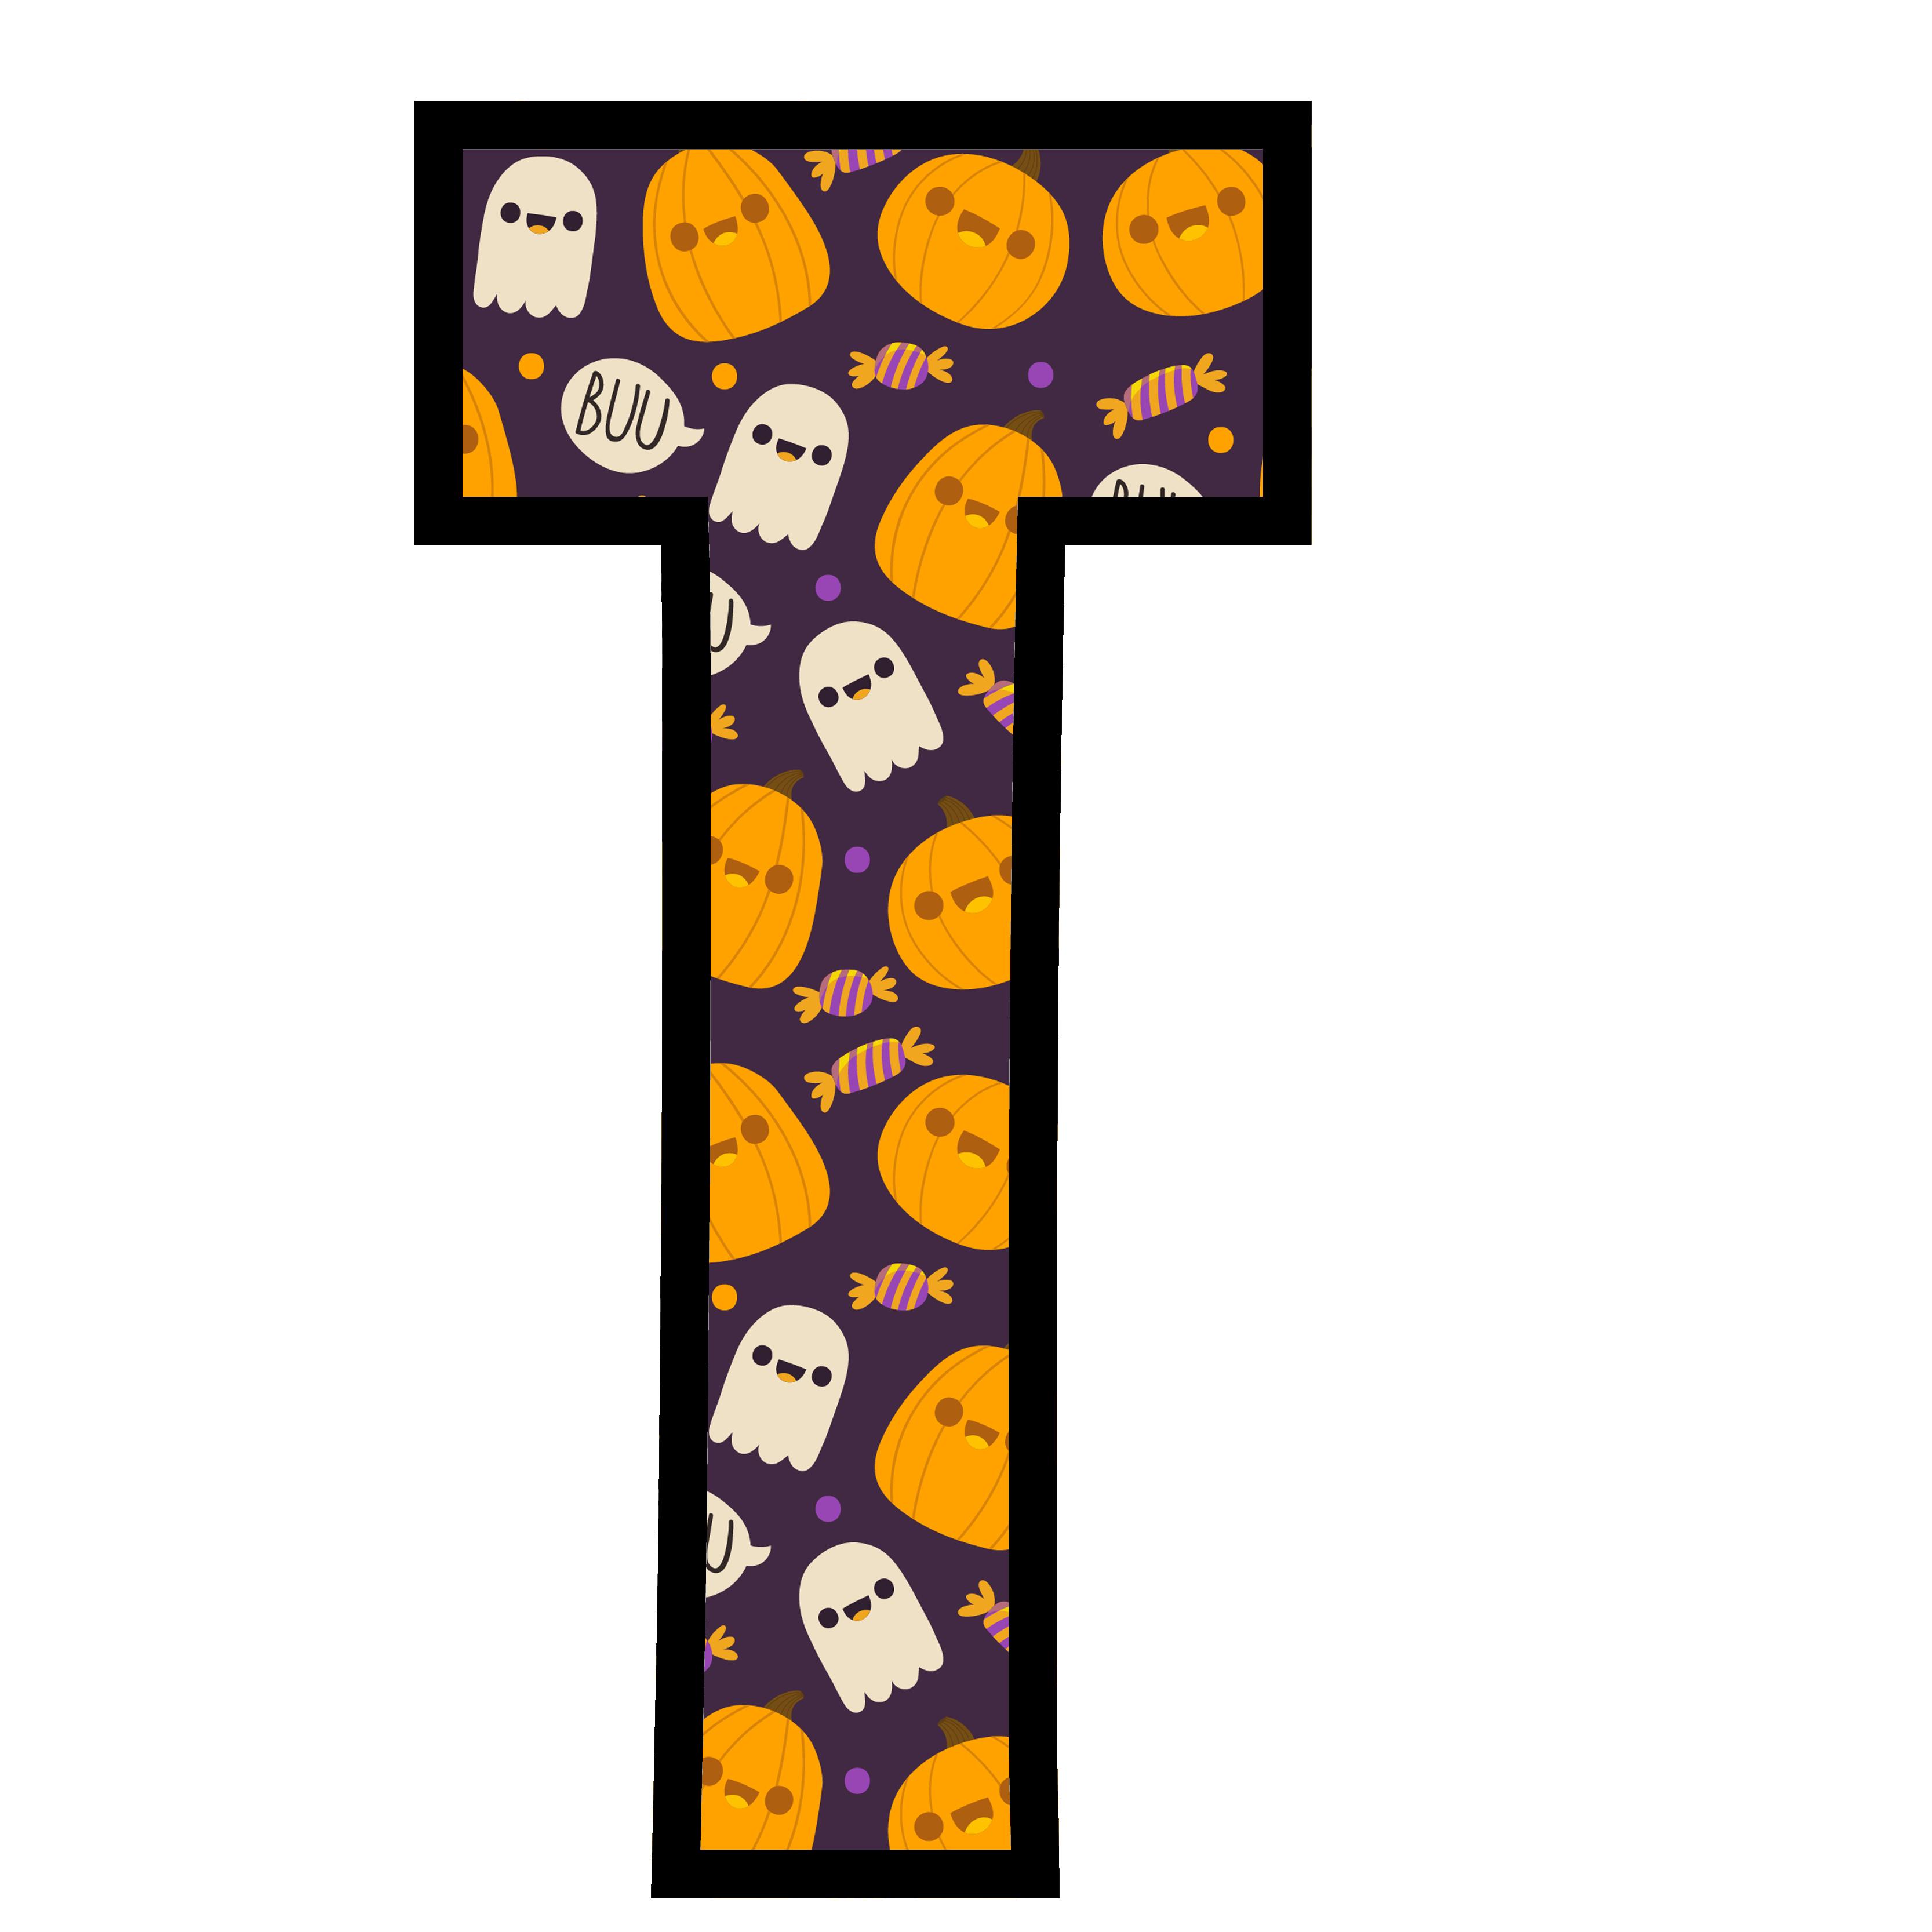 alfabeto personalizado fantasma halloween 20